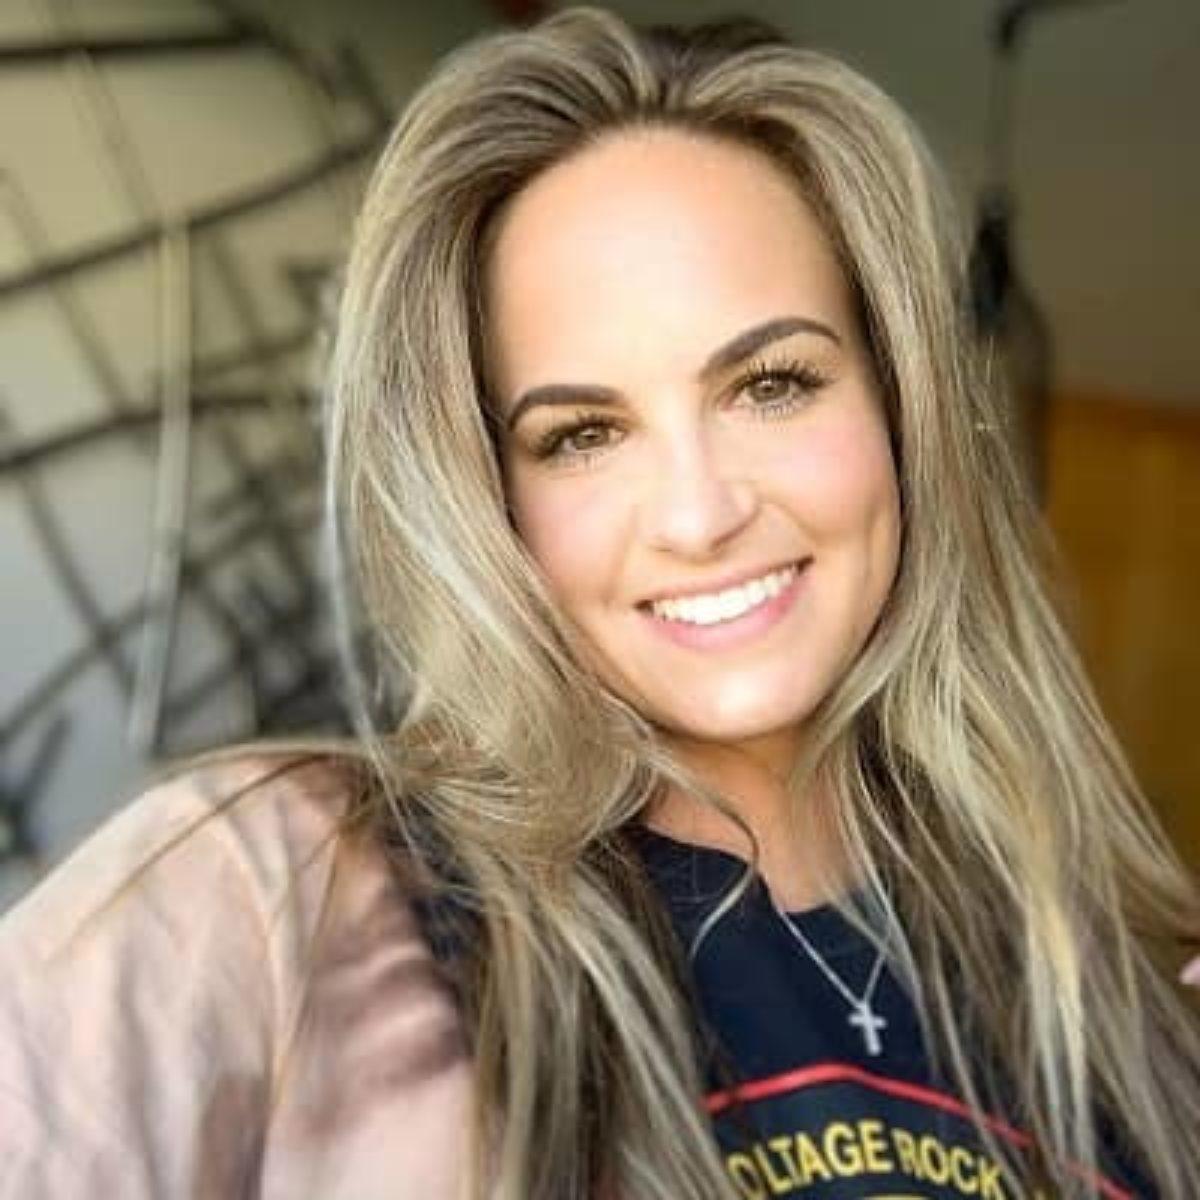 Jenna Bandy